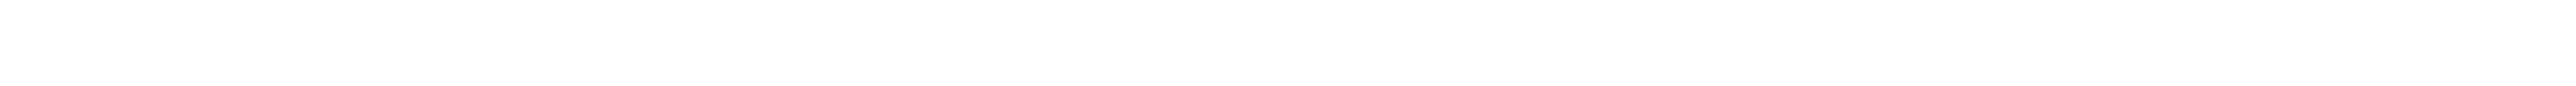 לוחות מגנטים מחיקים - דוגמא - אמנות יודאיקה ייחודית